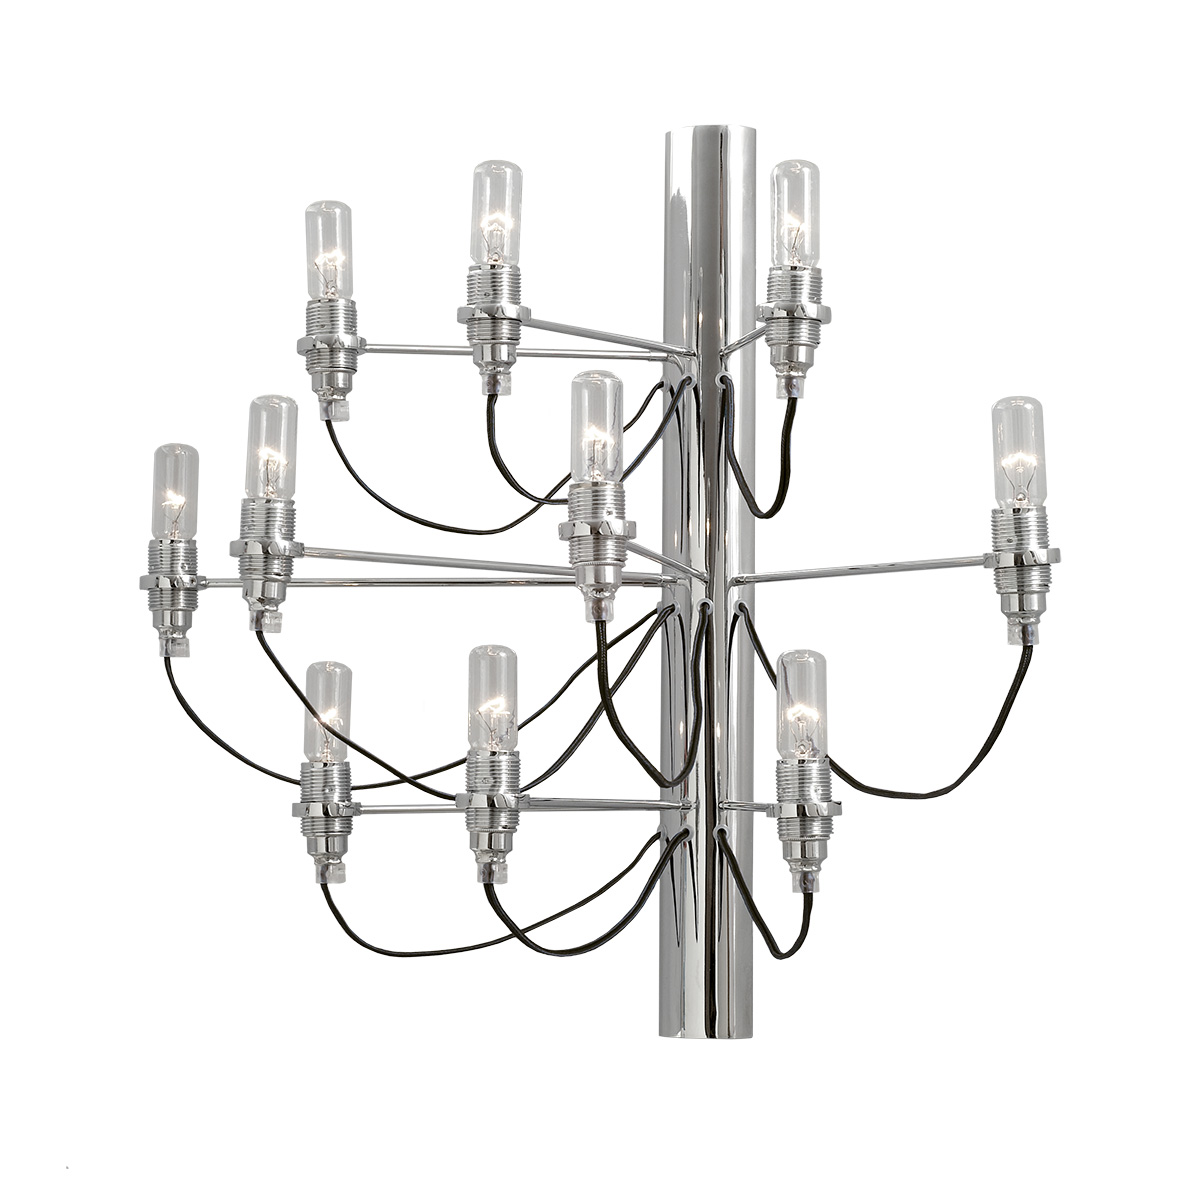 Μοντέρνα 10φωτη απλίκα ΑΚΤΙΝΕΣ modern 10-bulb wall lamp